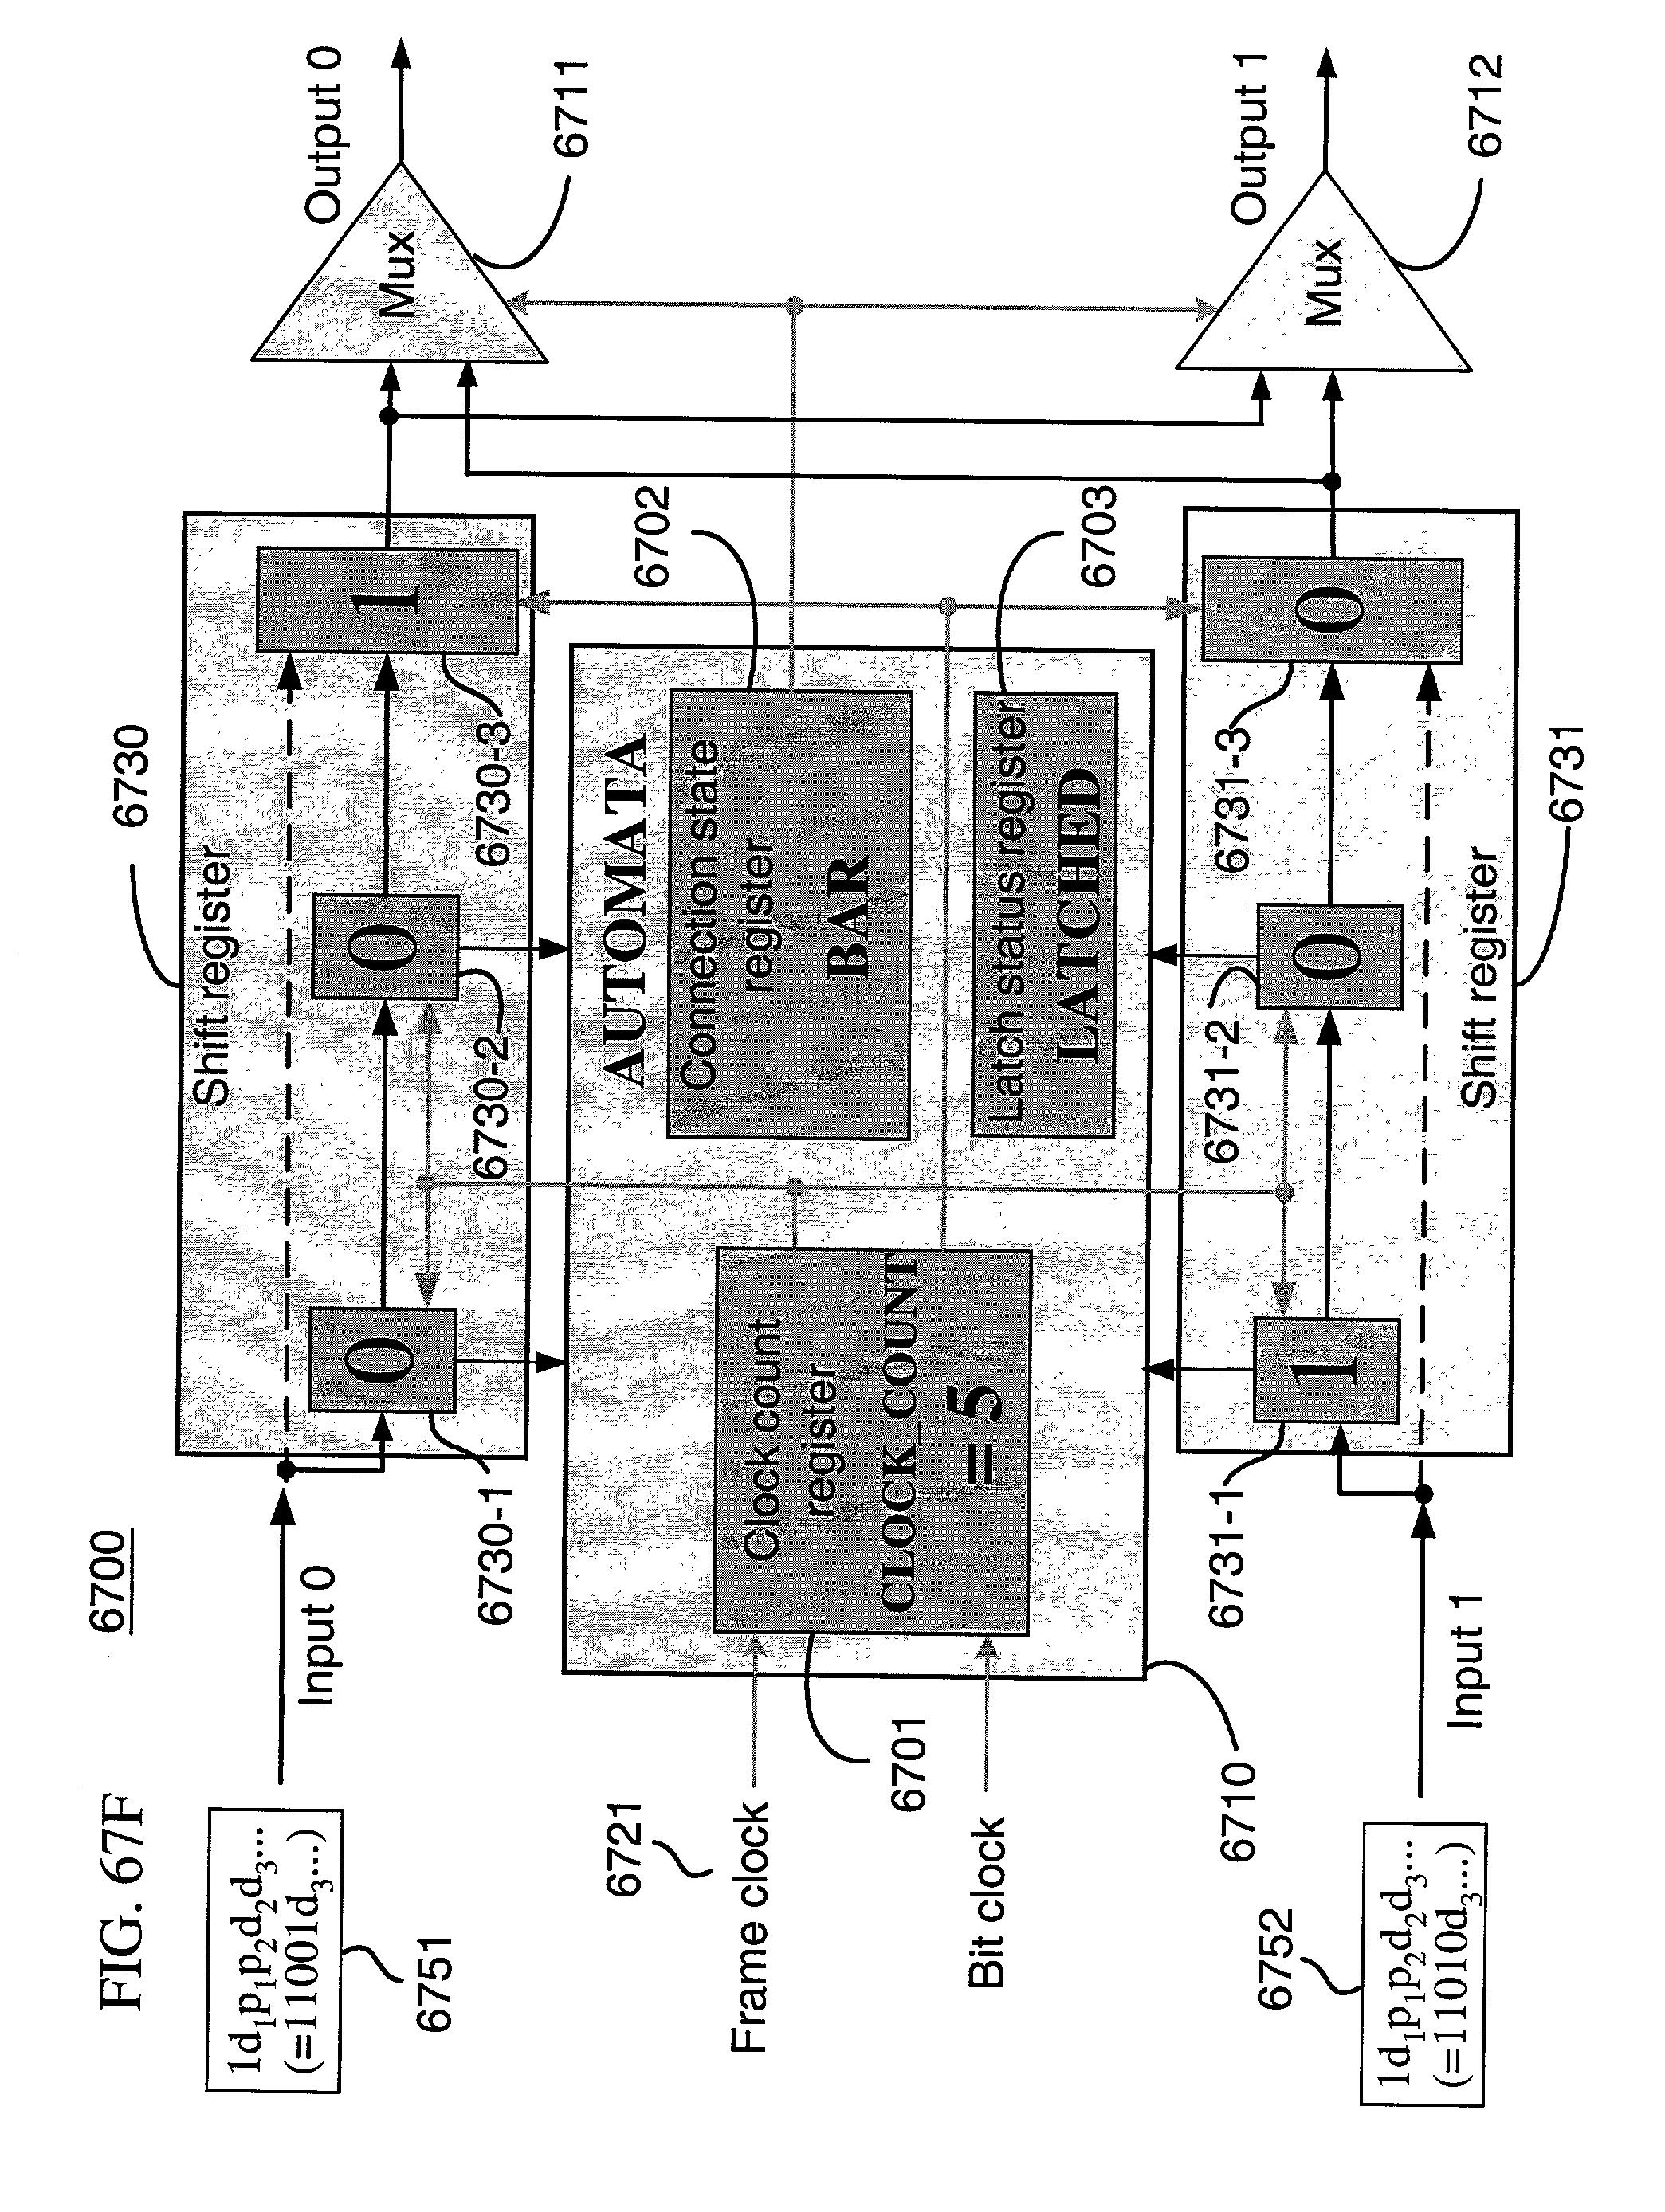 patent us7072334